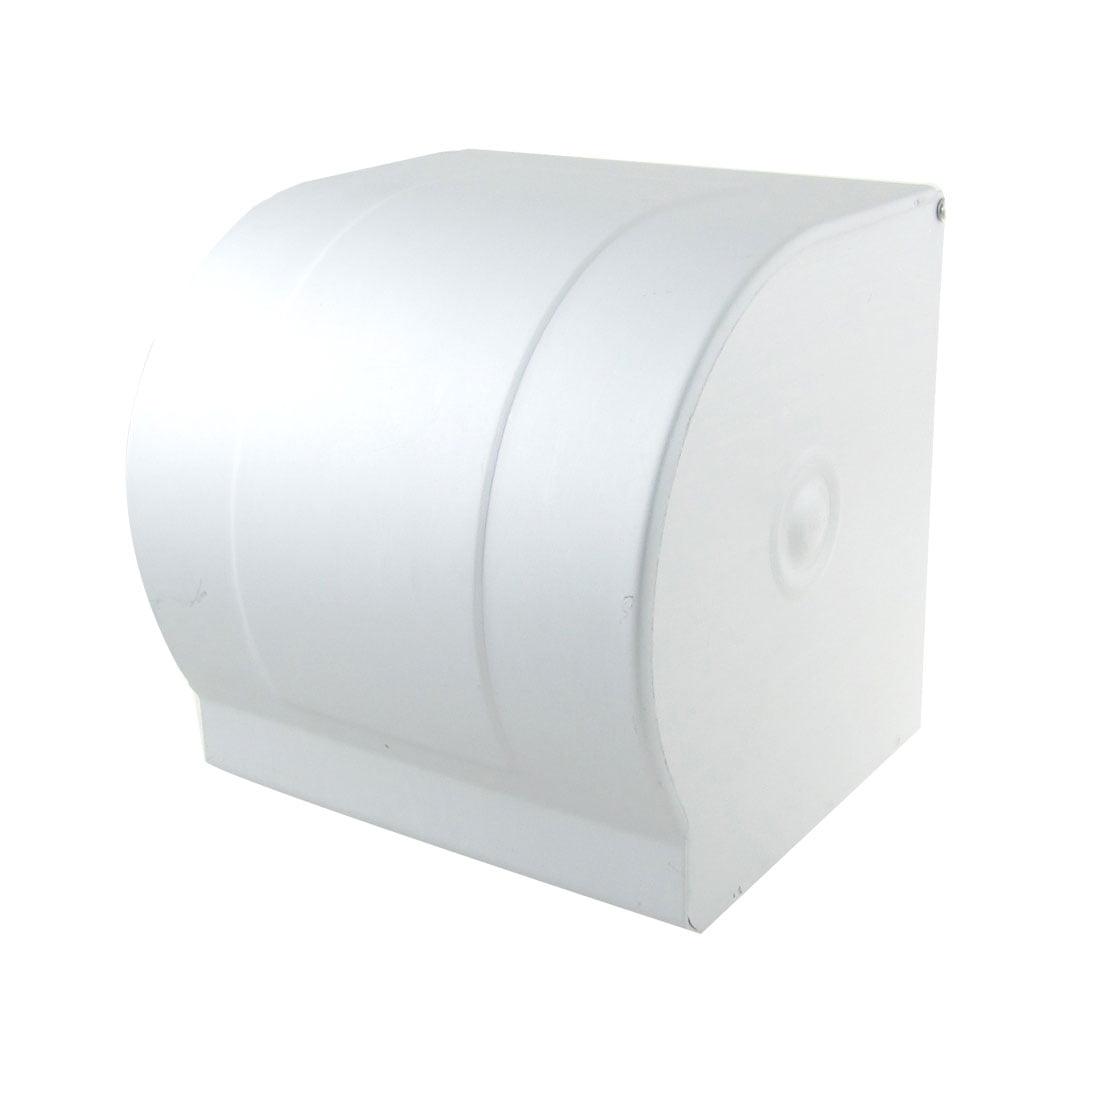 Unique Bargains Unique Bargains Sliver Tone Squared Shape Wave Edge Washroom Toilet Paper Holder Box by Unique-Bargains